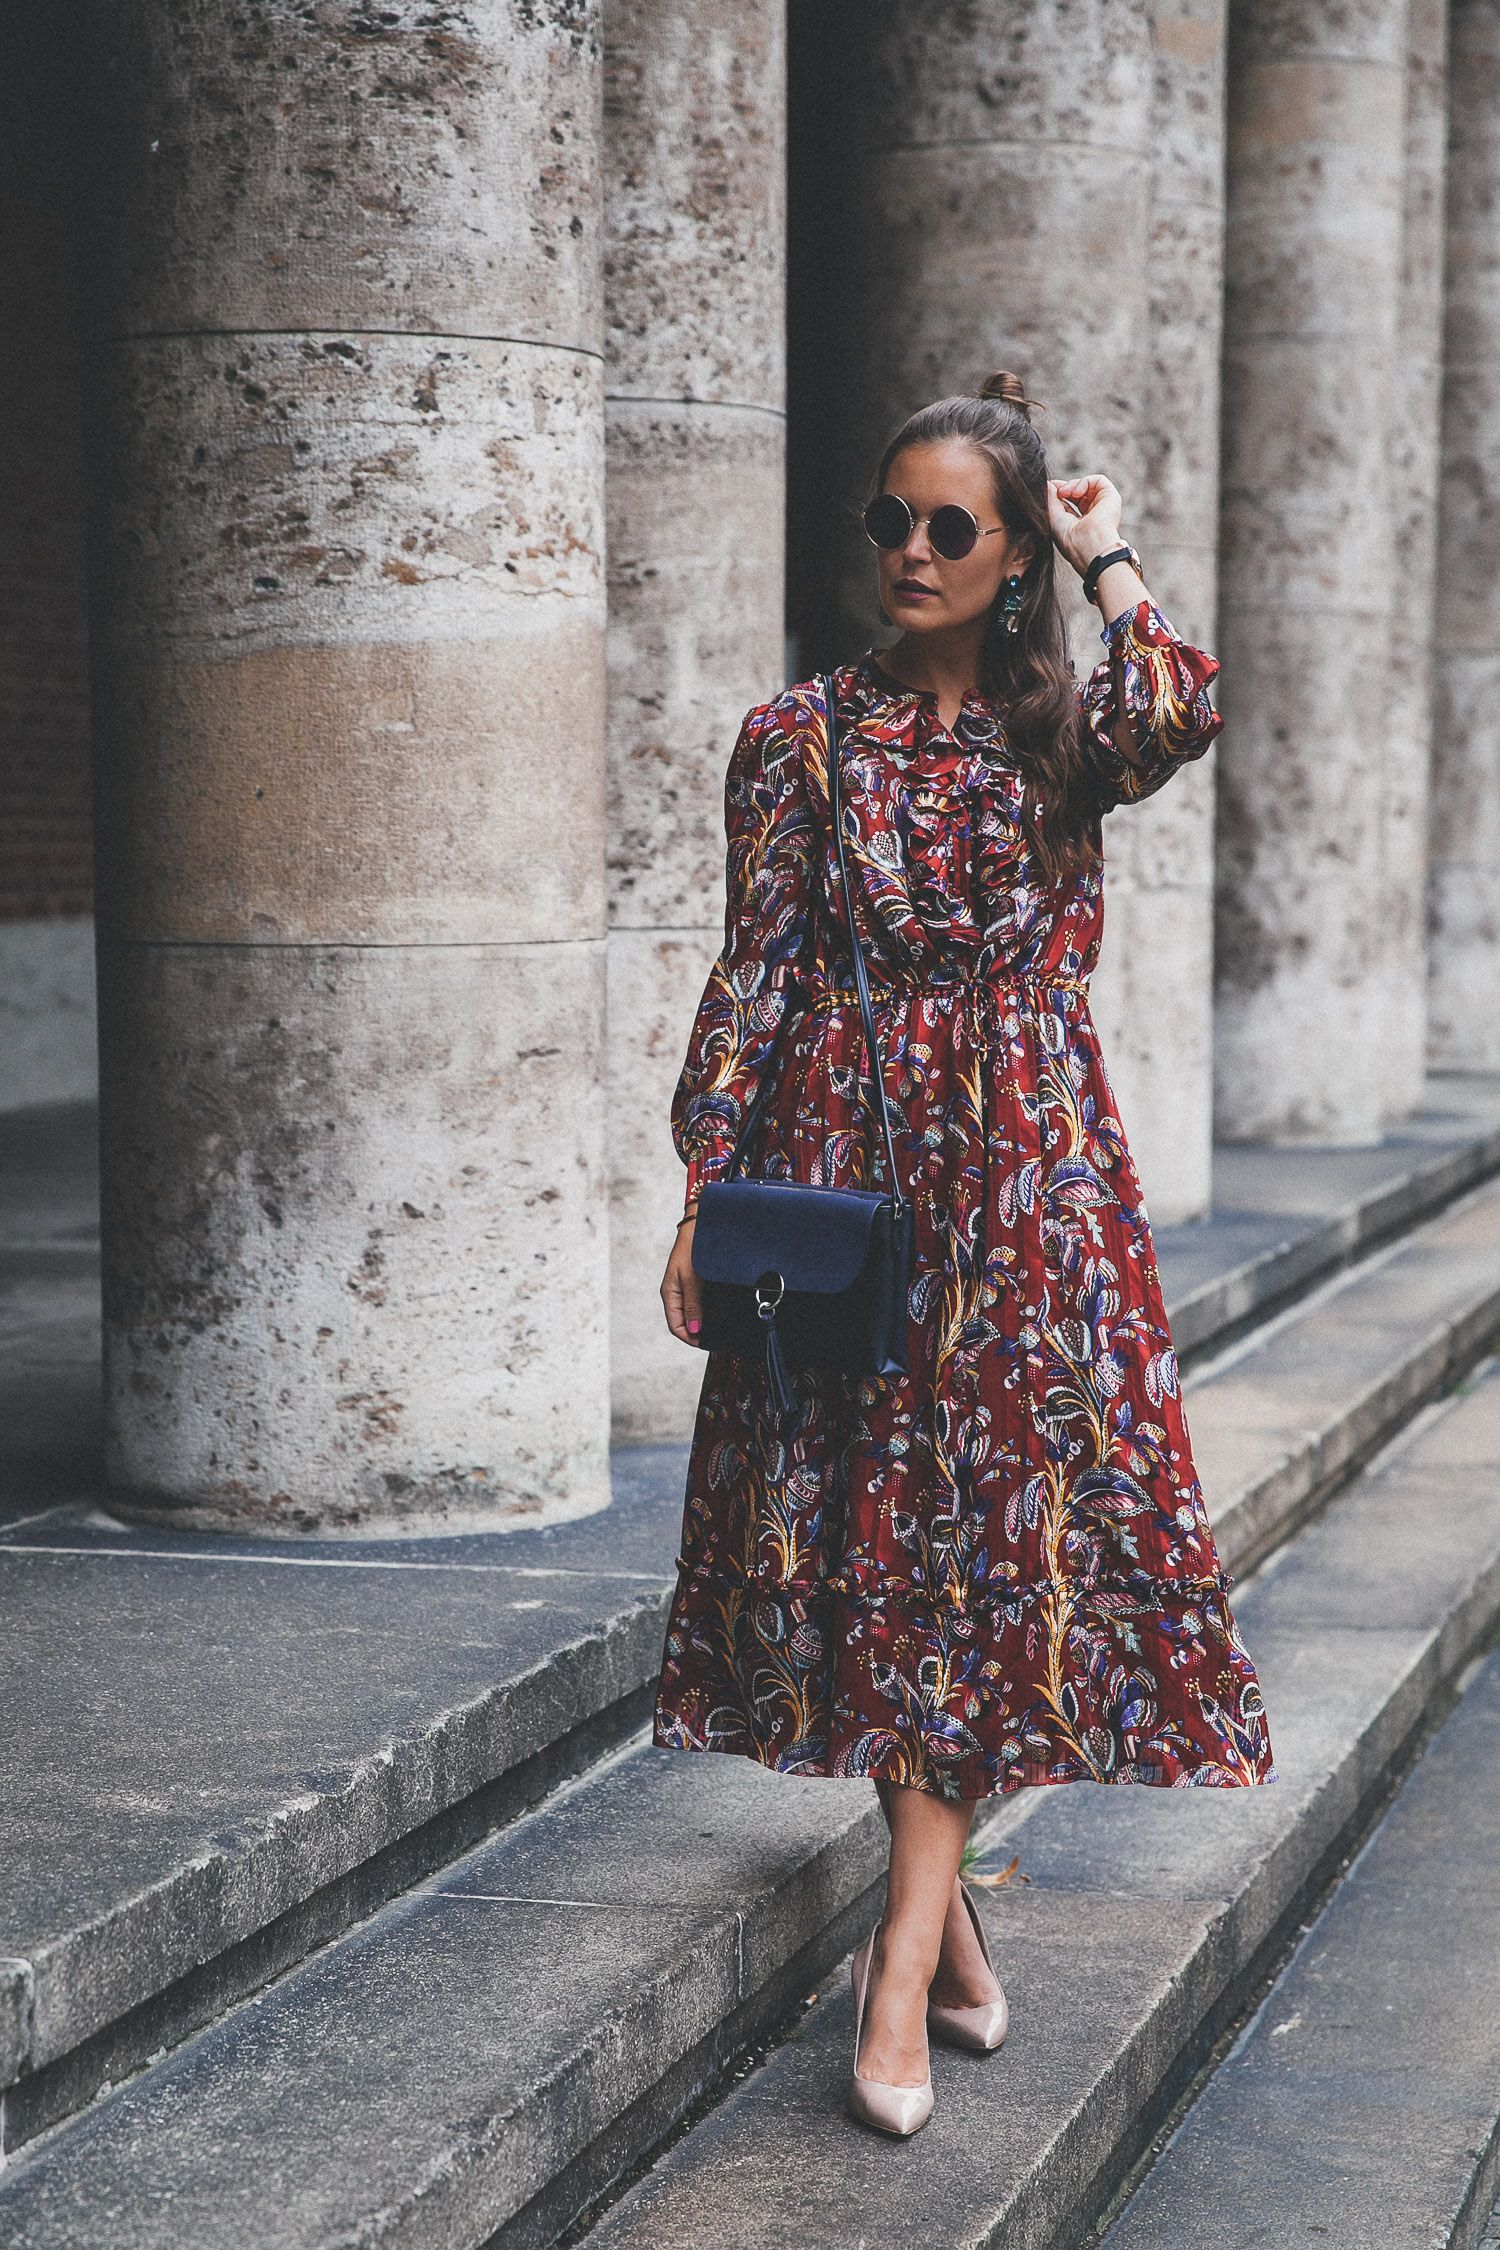 einstimmung auf die neue saison - josie loves | kleider